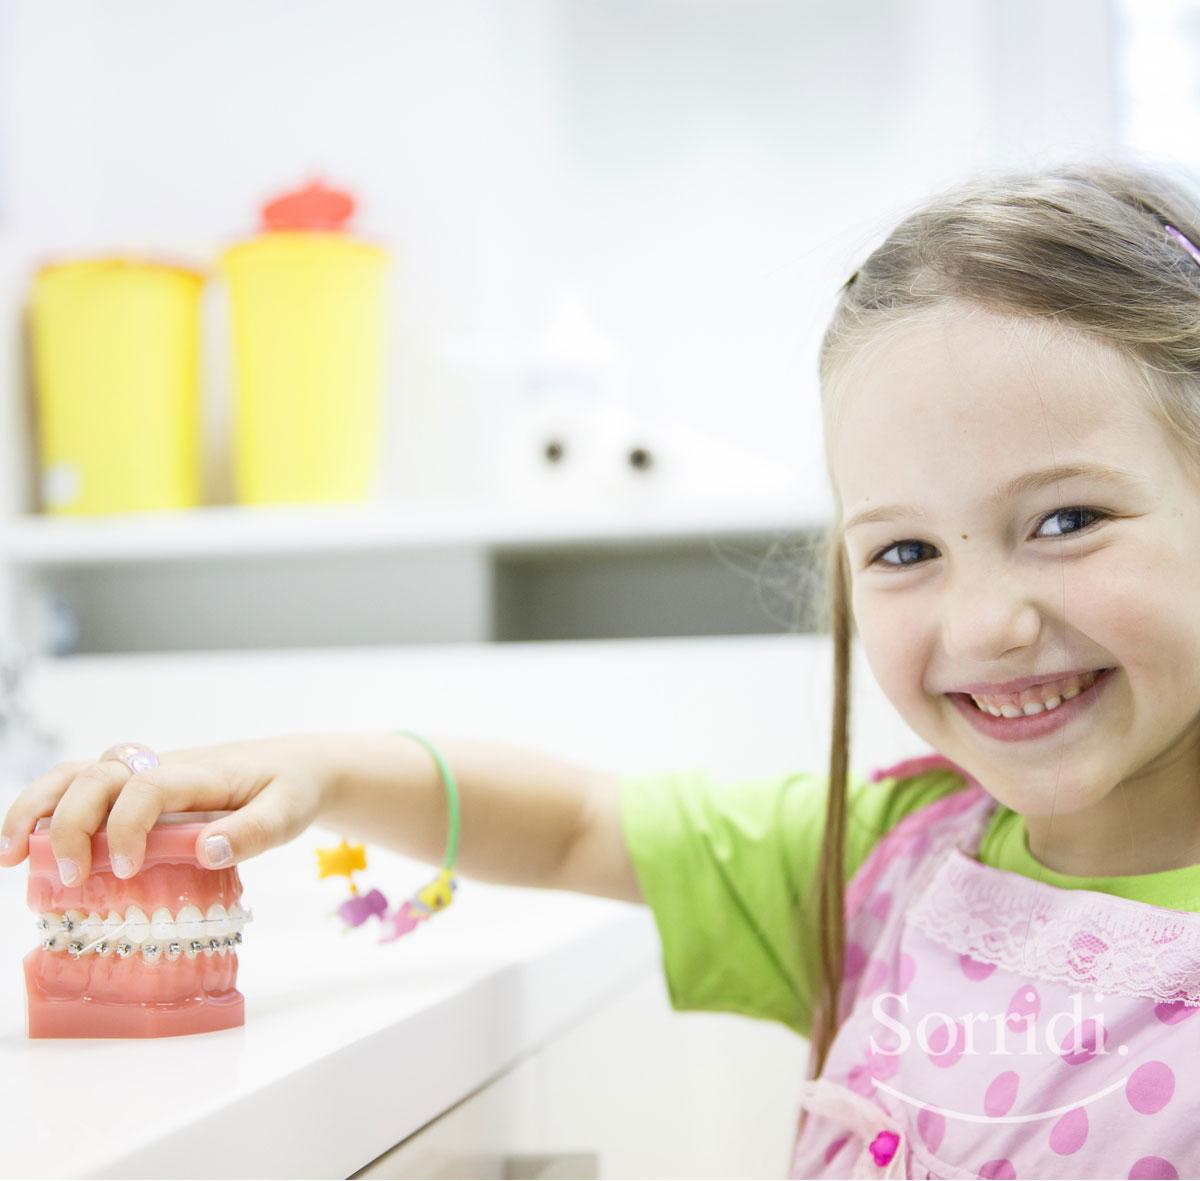 Sorridi-ch-magazine-prevenire-e-correggere-le-malocclusioni-dentali-nei-bambini